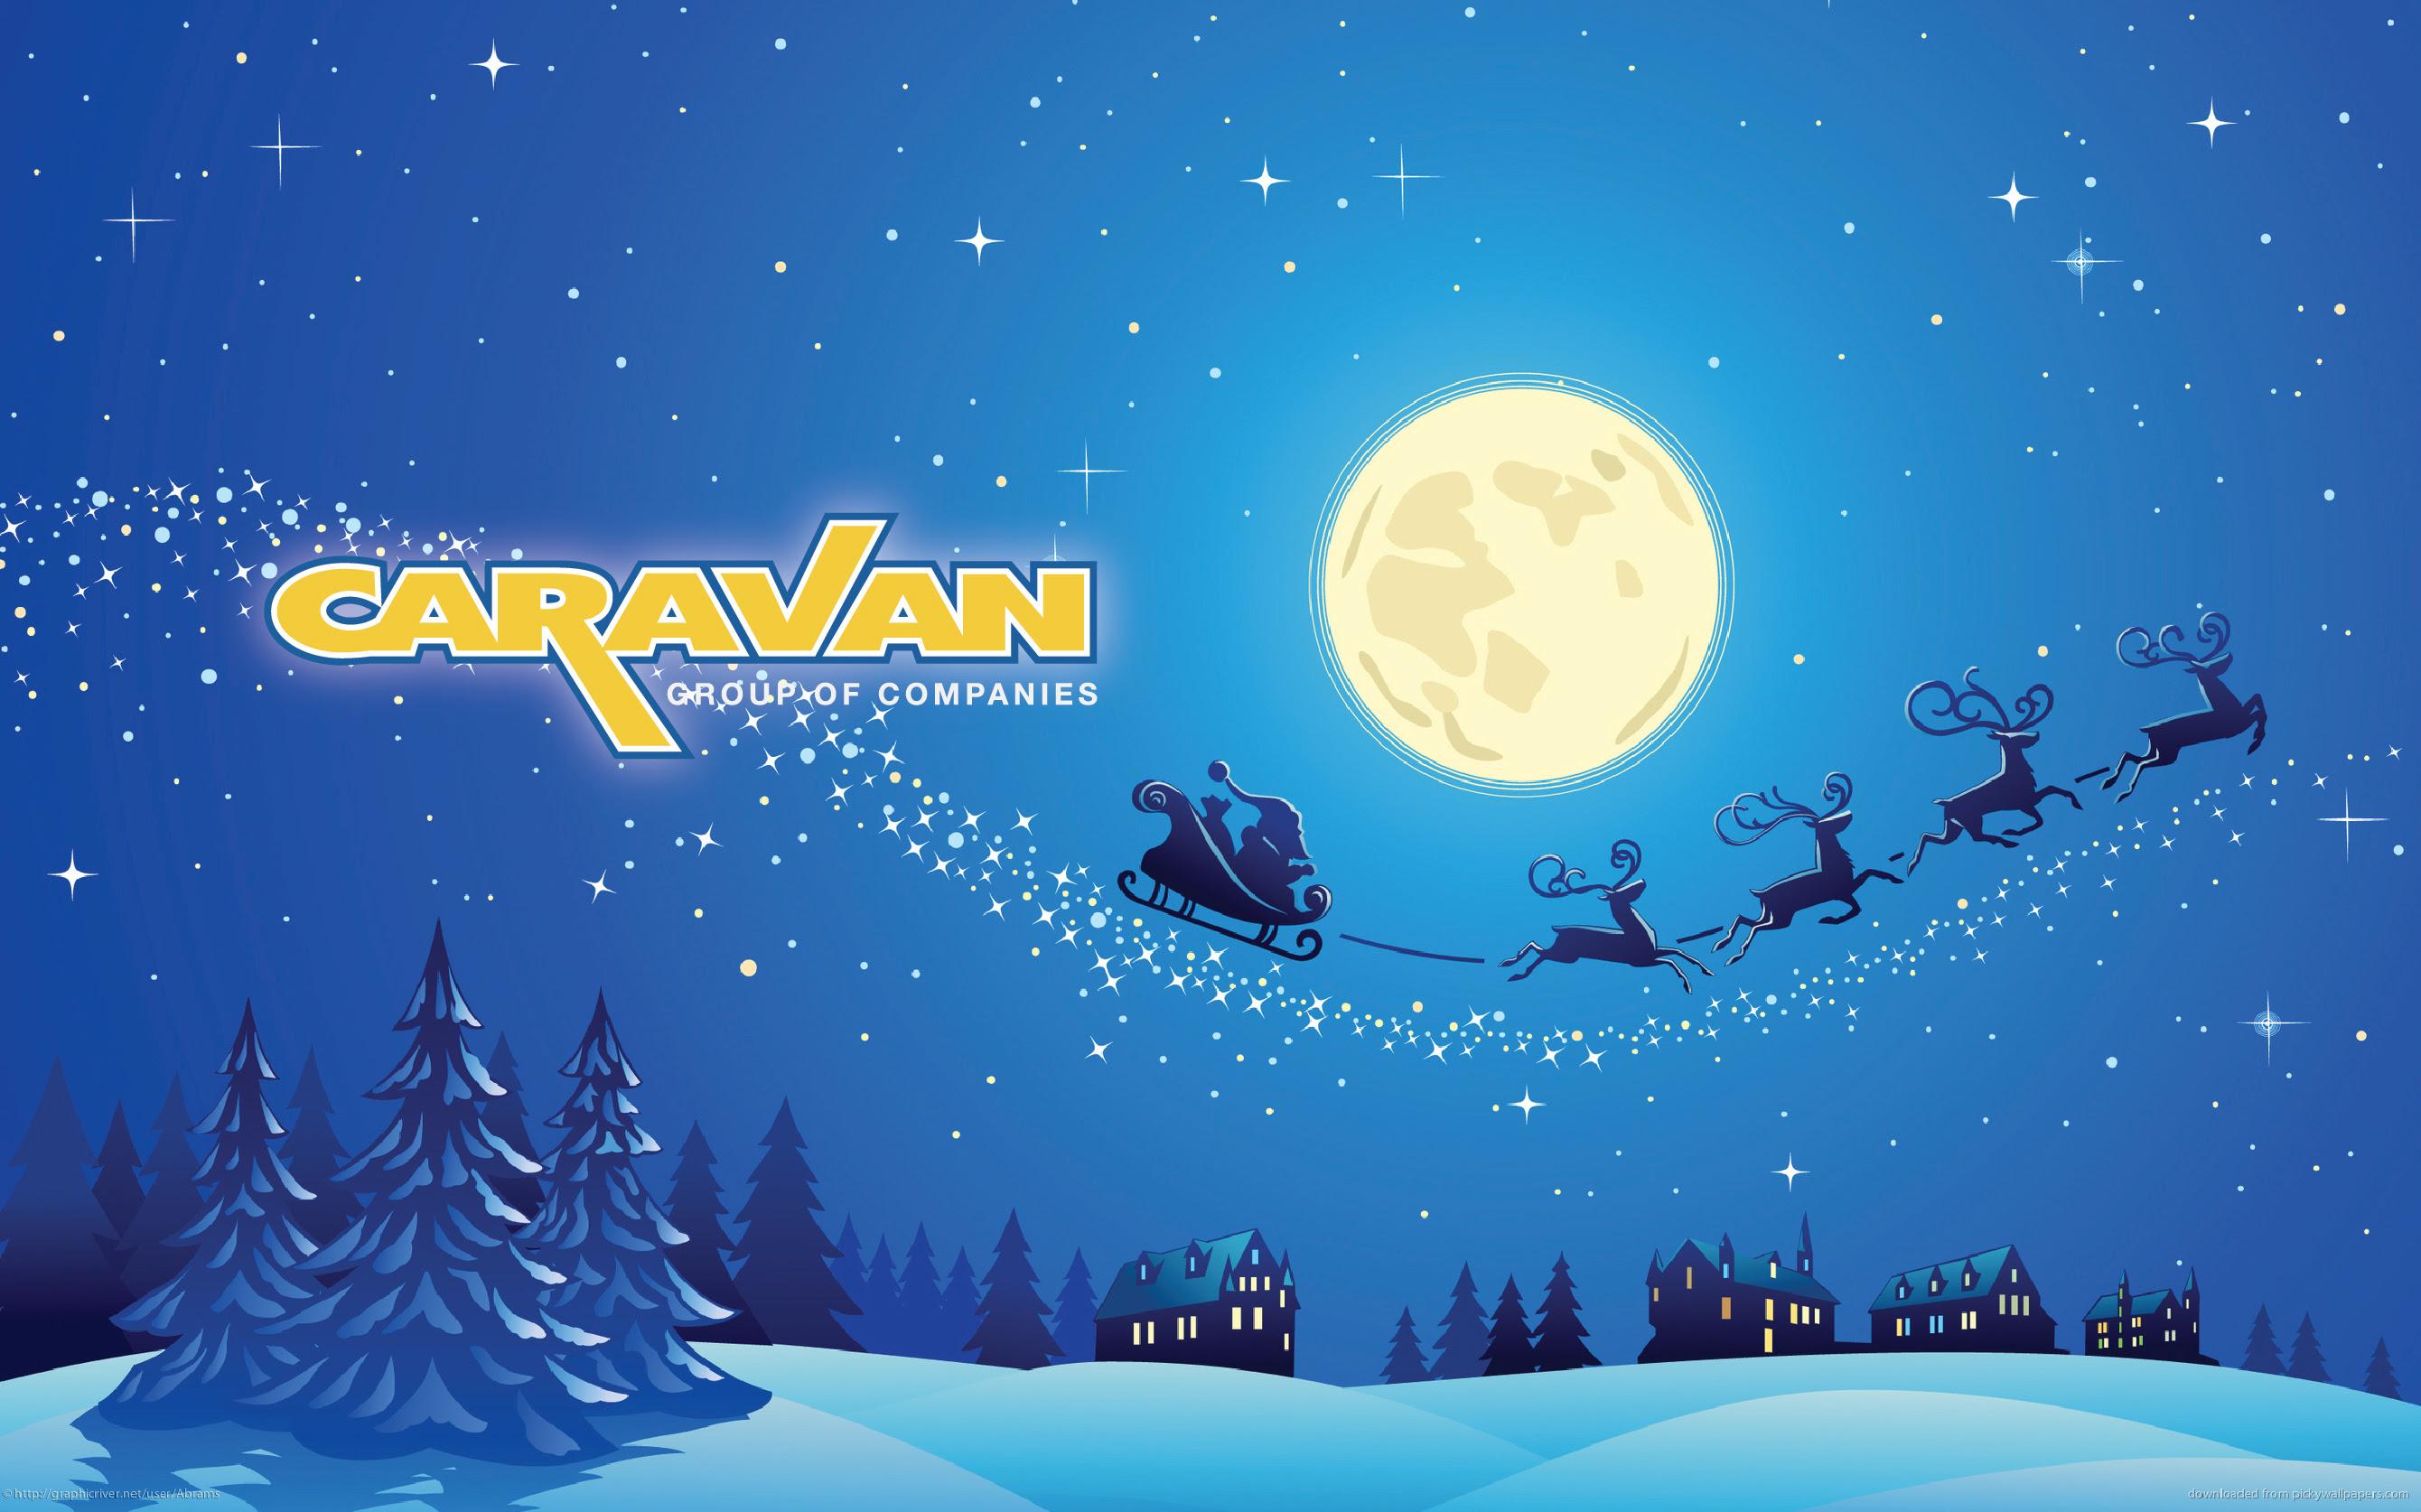 caravan_happyholidays